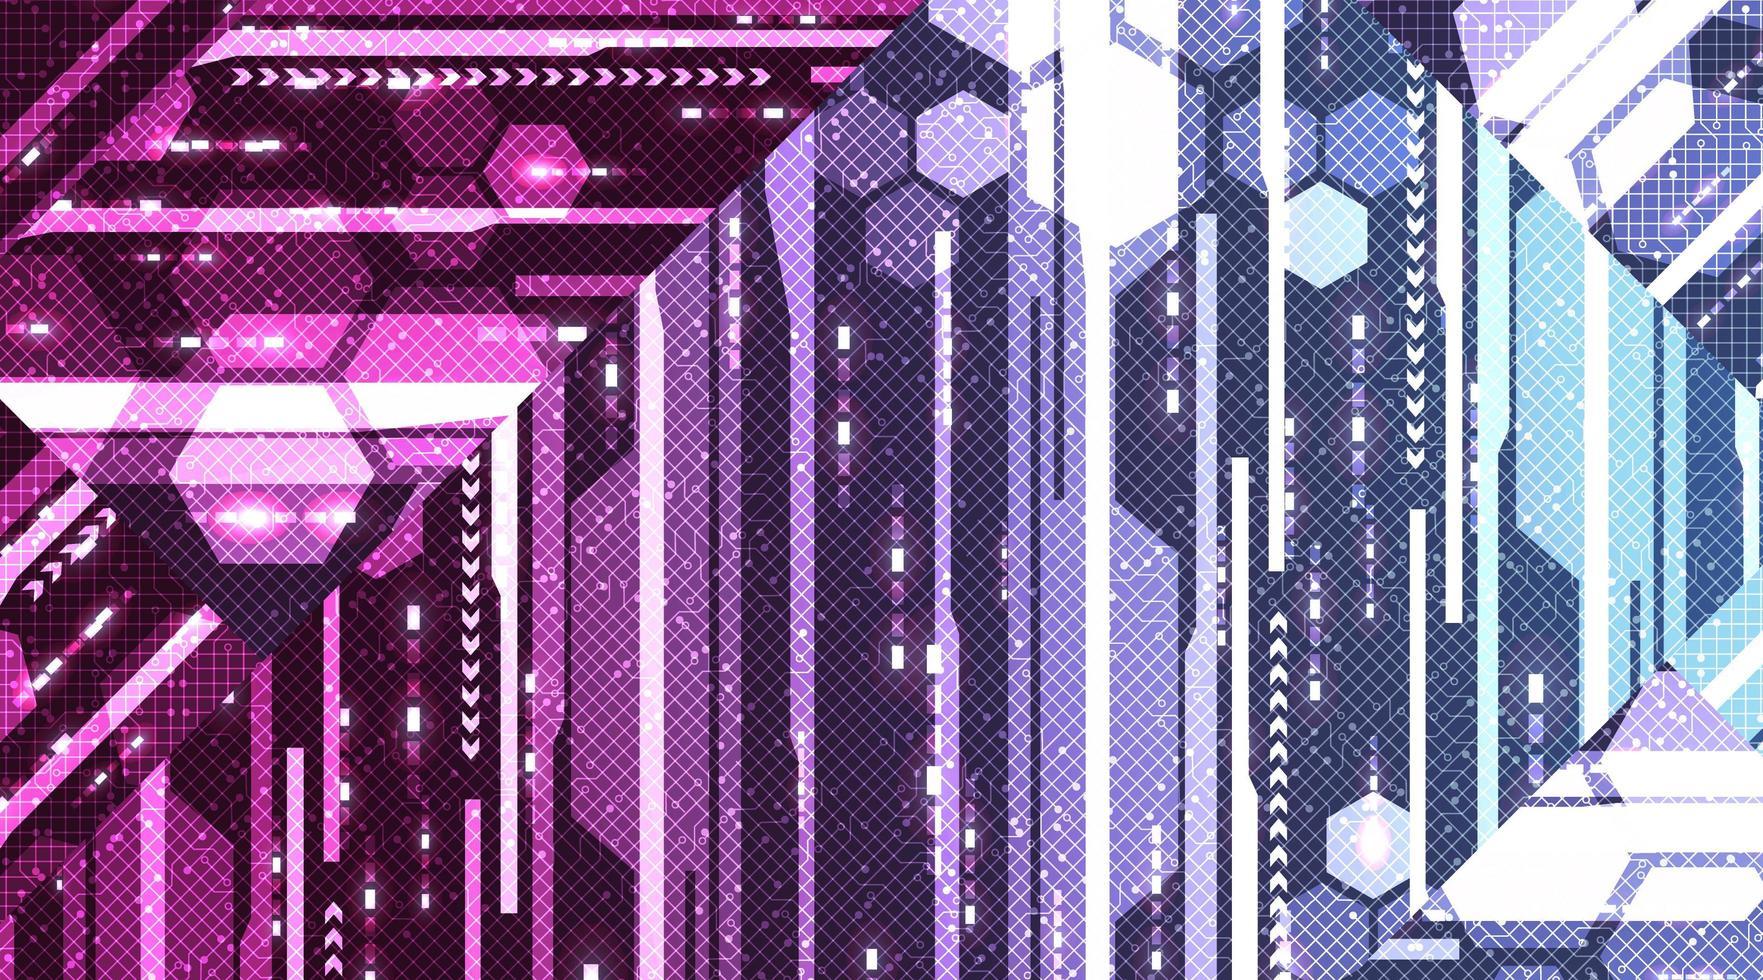 digitala kretskort systemteknik bakgrund, högteknologiska och internet konceptdesign, vektorillustration. vektor